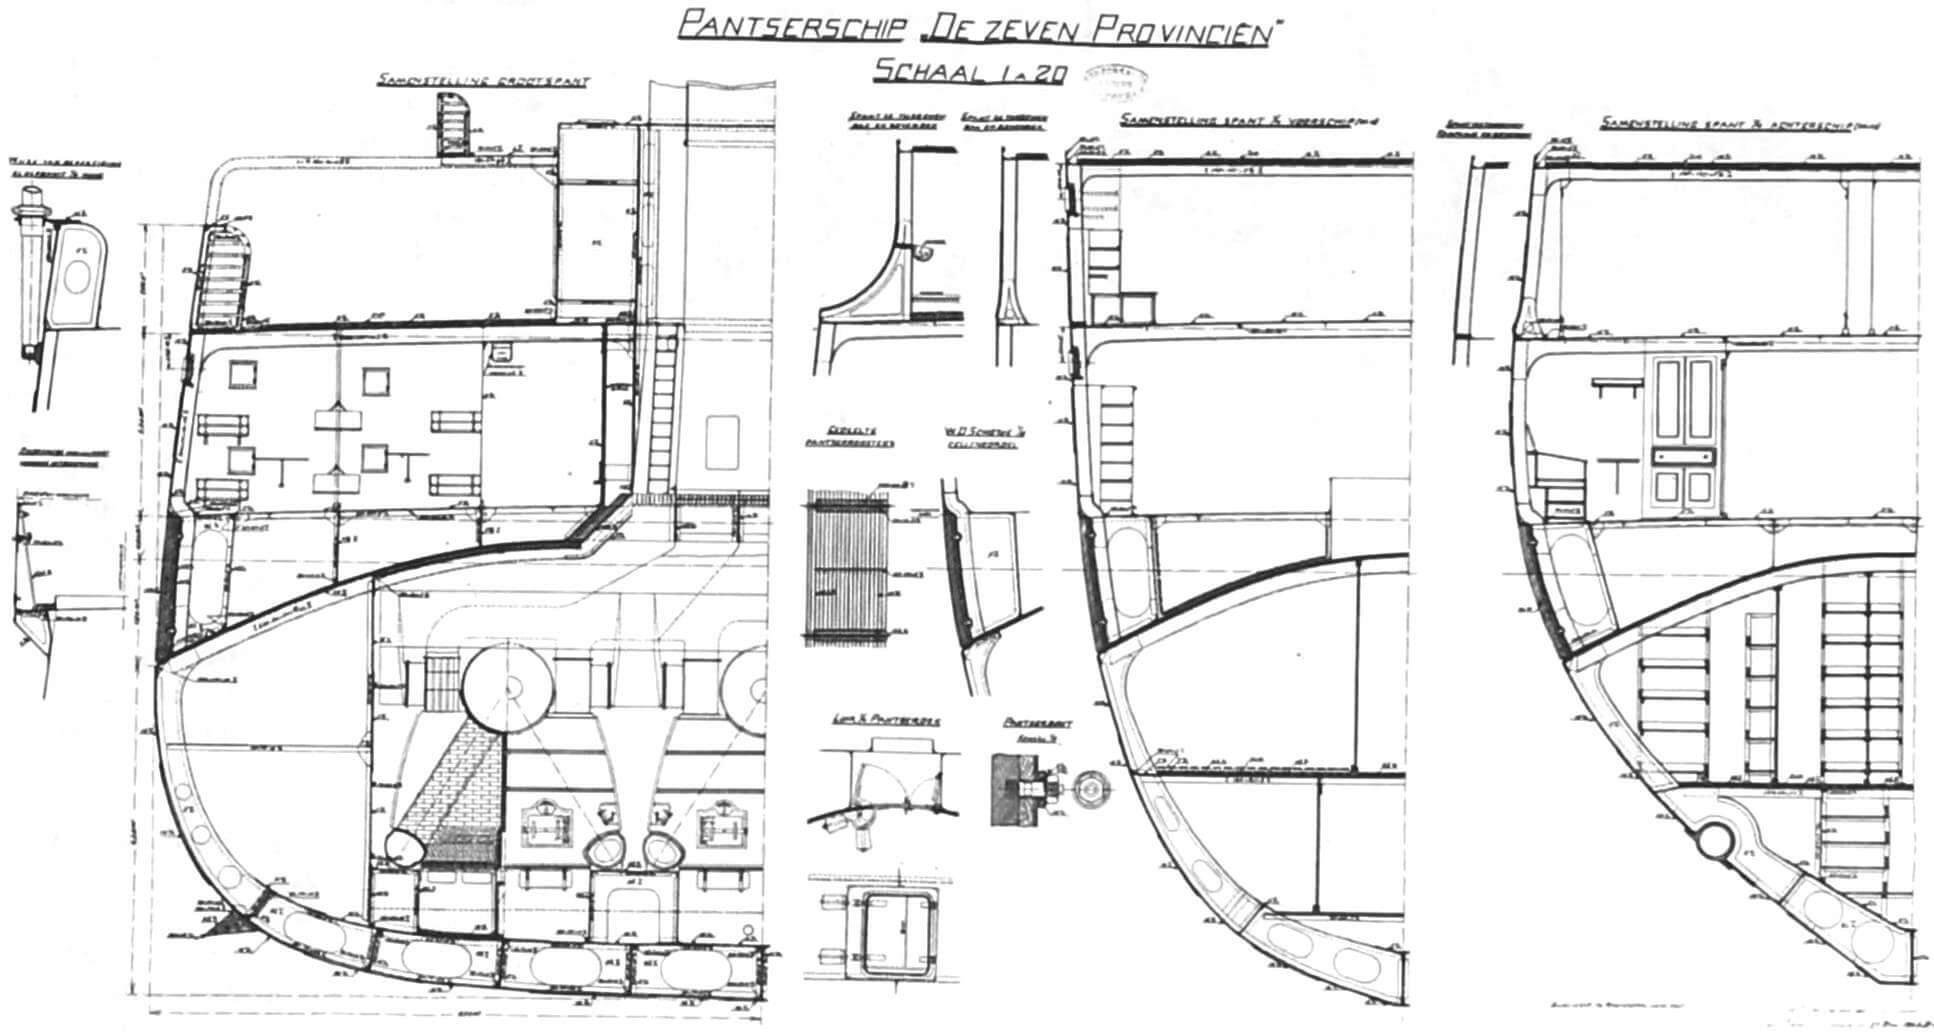 Броненосец «Де Зевен Провинсиен», сечения по шпангоутам (копия подлинного чертежа)